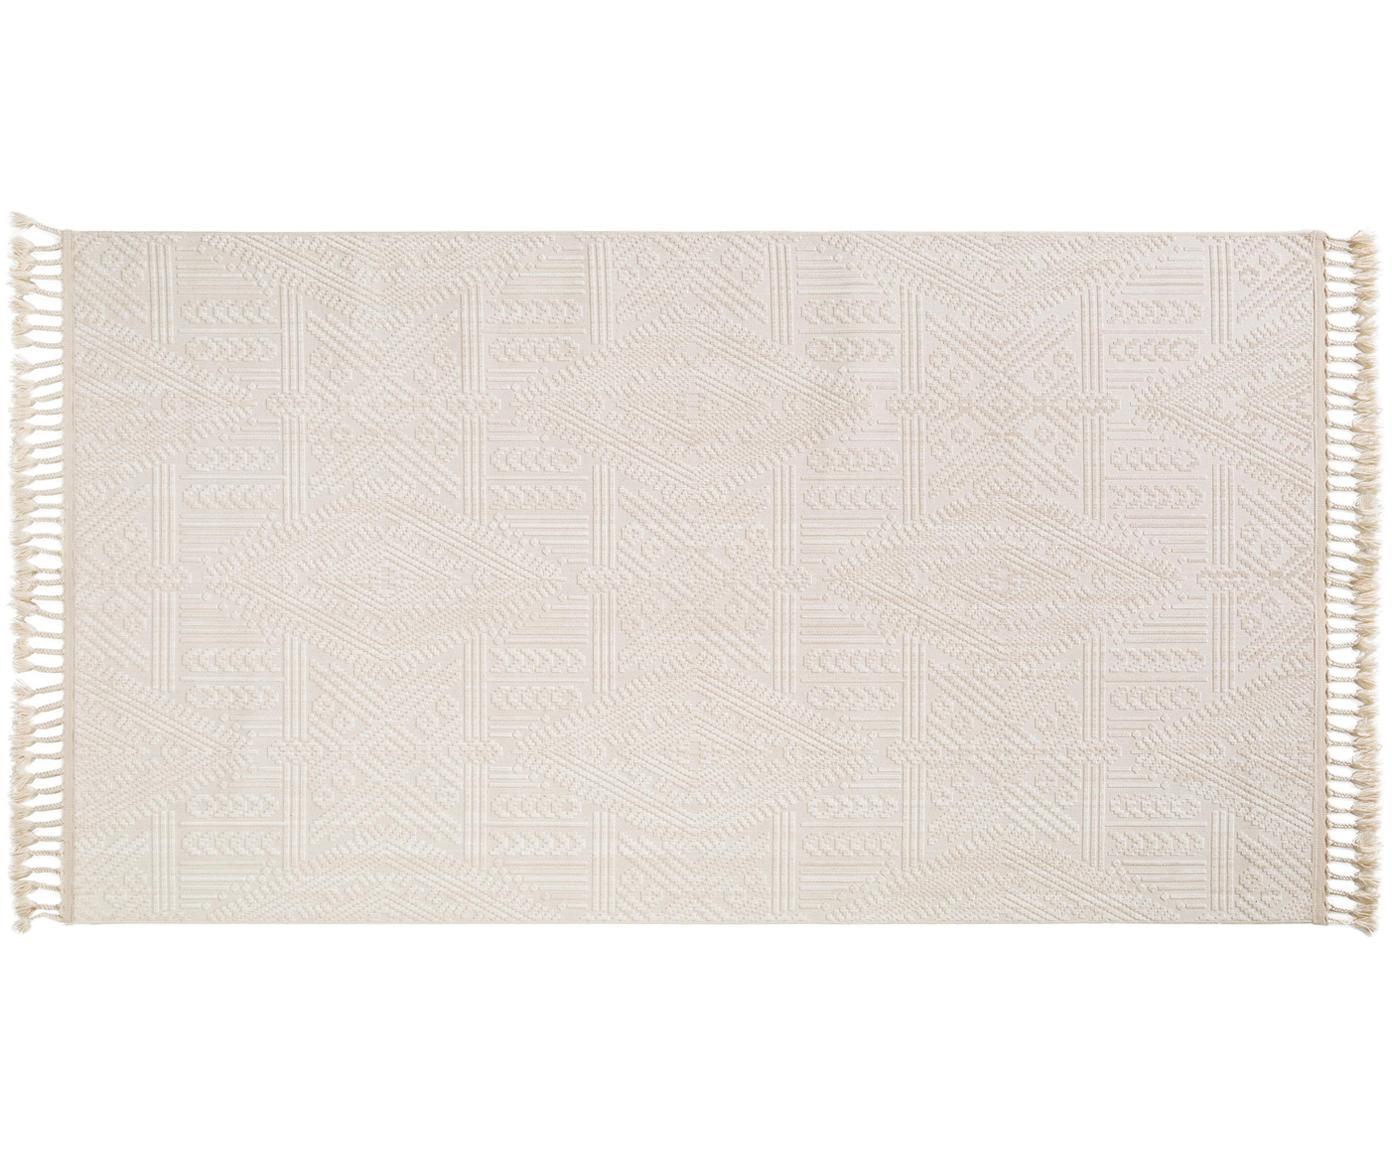 Dywan Laila Tang, Odcienie kremowego, S 80 x D 150 cm  (Rozmiar XS)